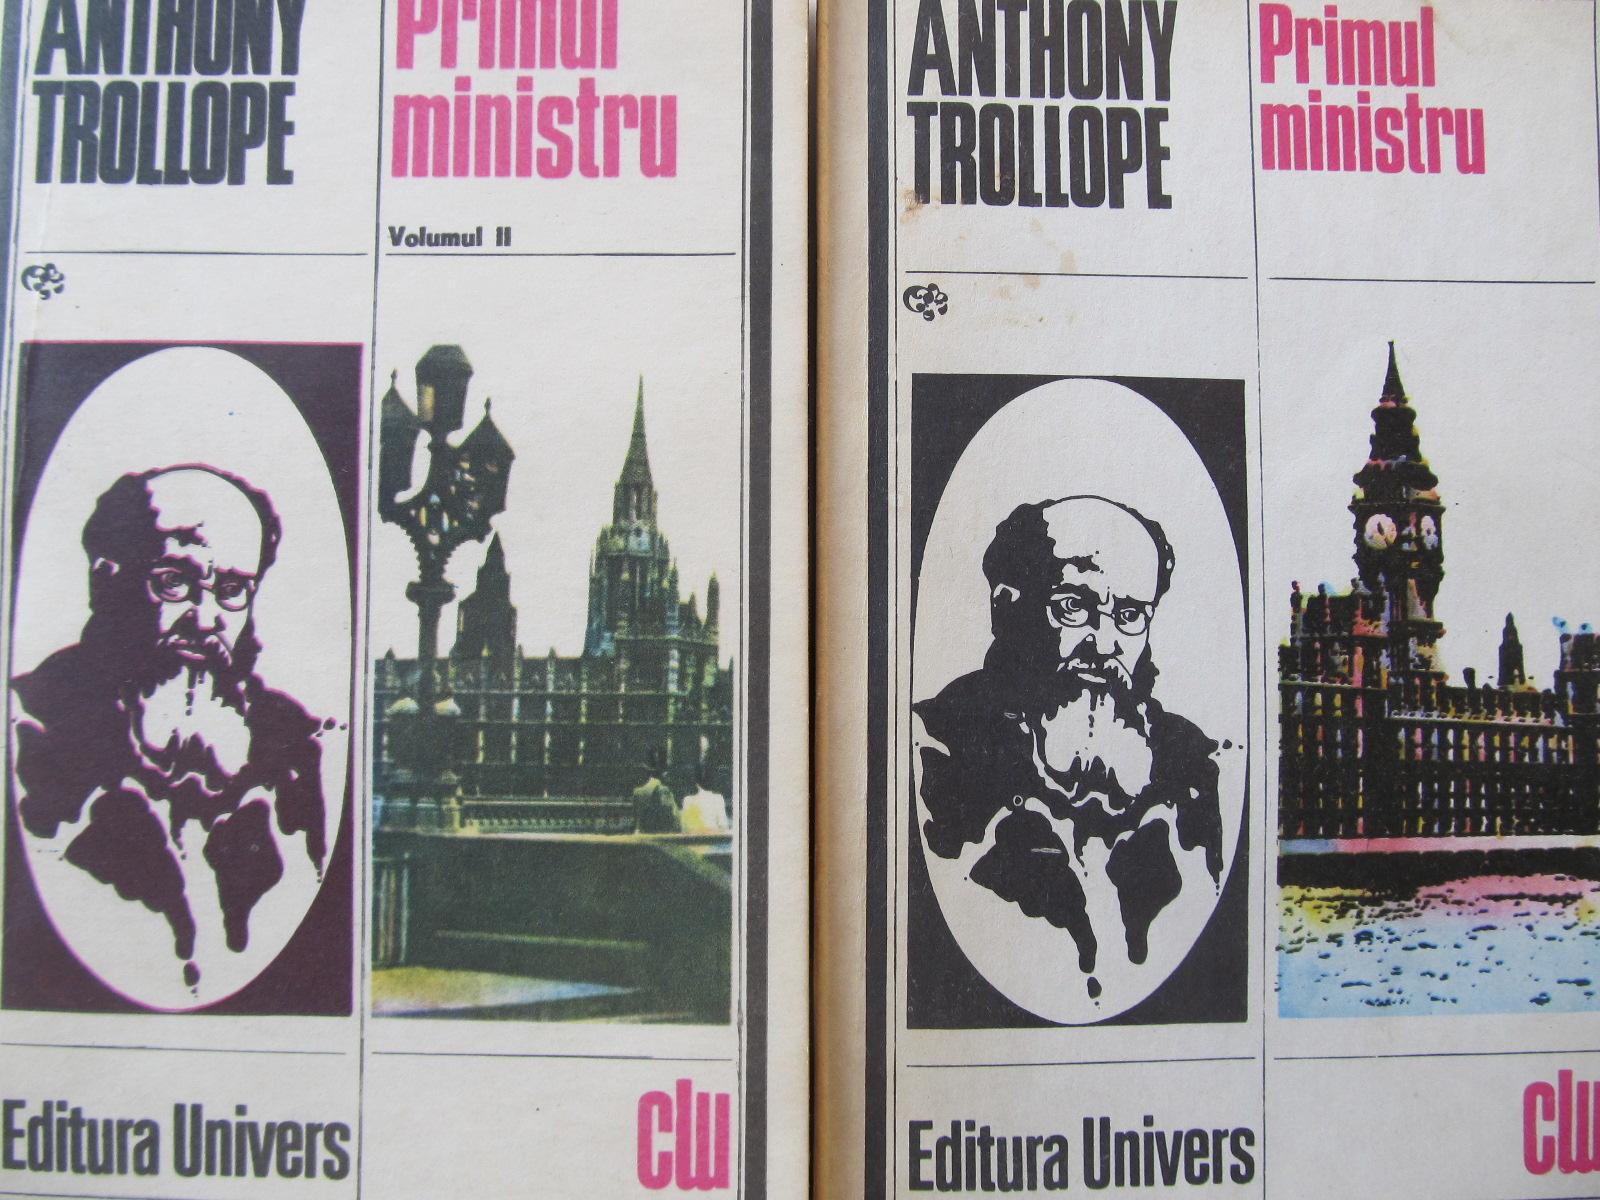 Primul ministru (2 vol.) - Anthony Trollope | Detalii carte